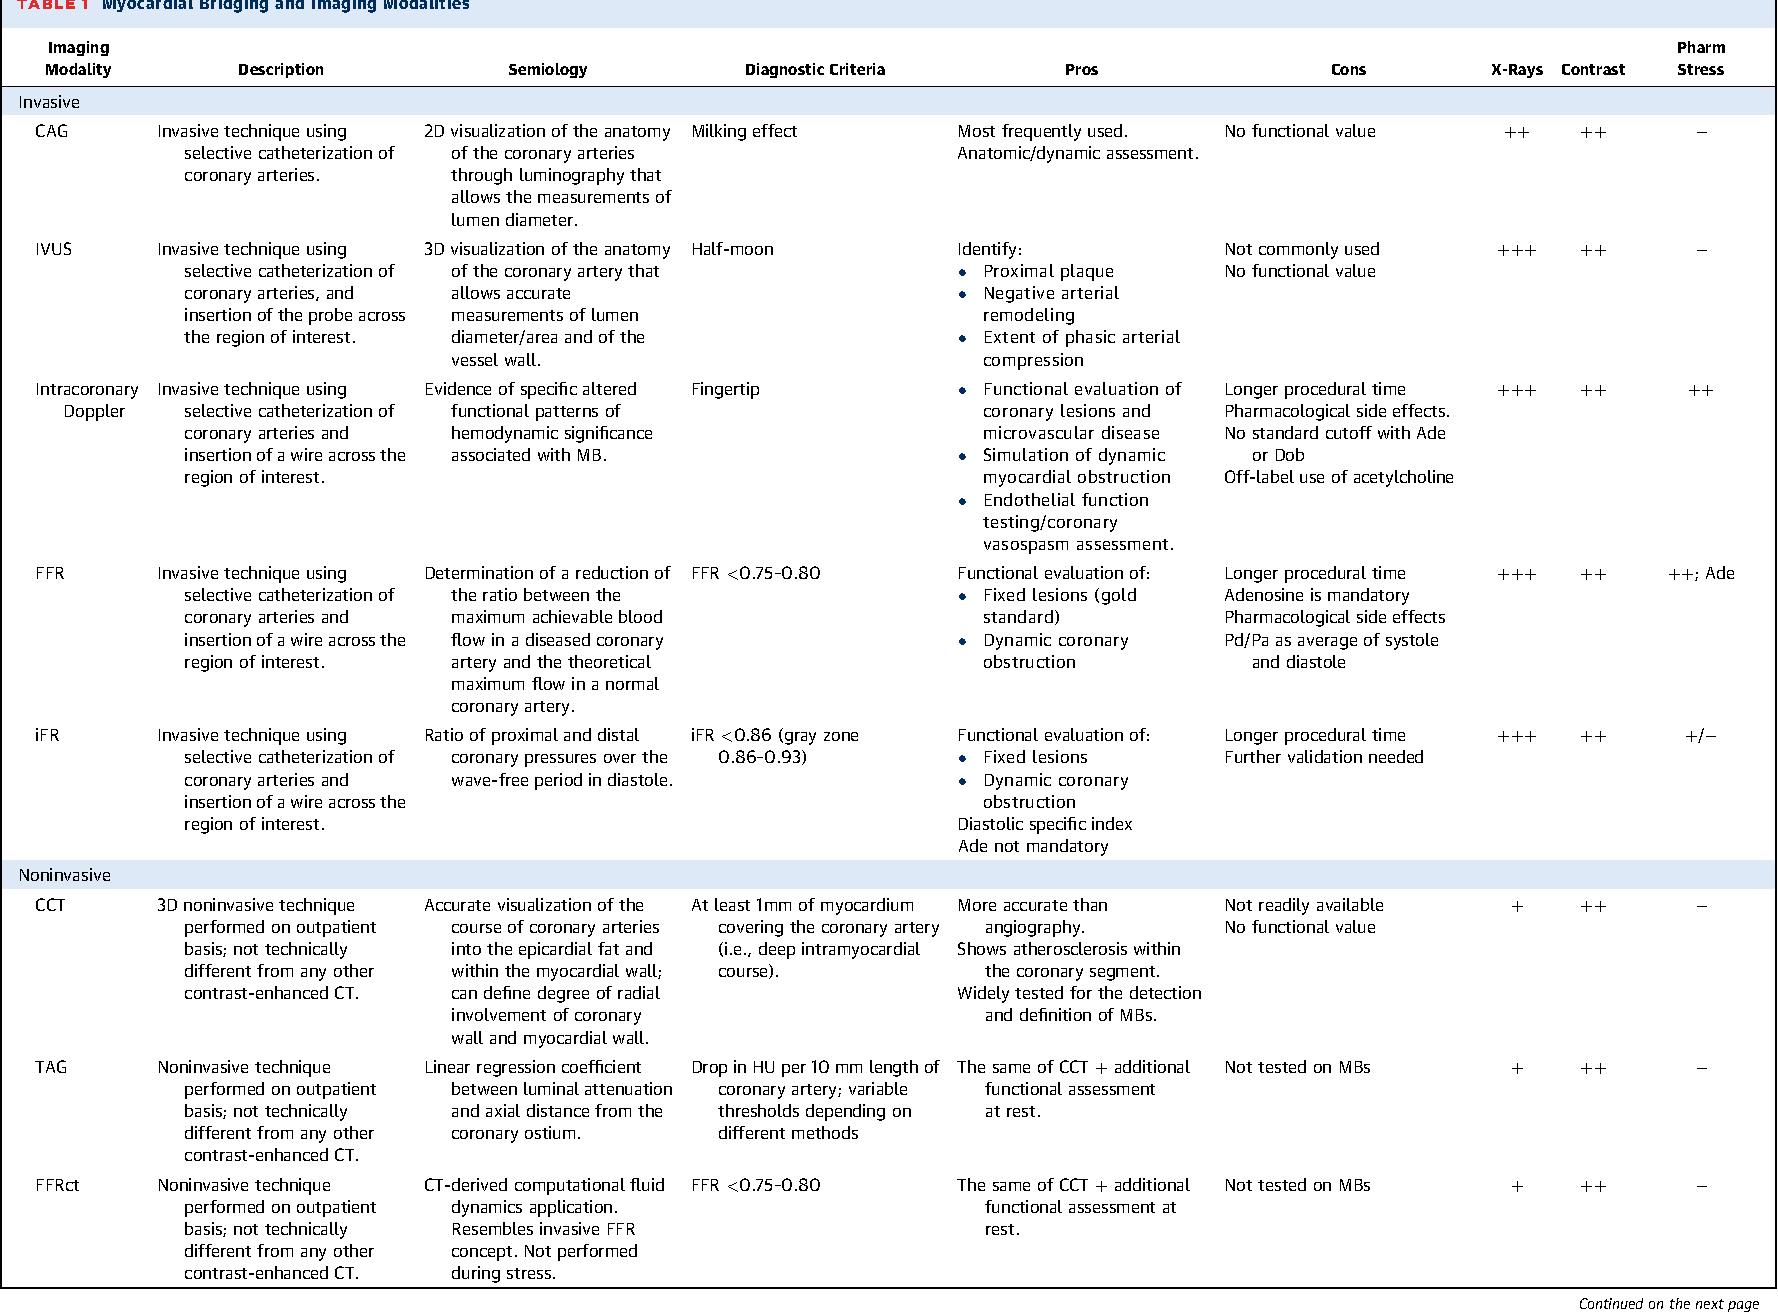 Left Anterior Descending Artery Myocardial Bridging: A Clinical ...